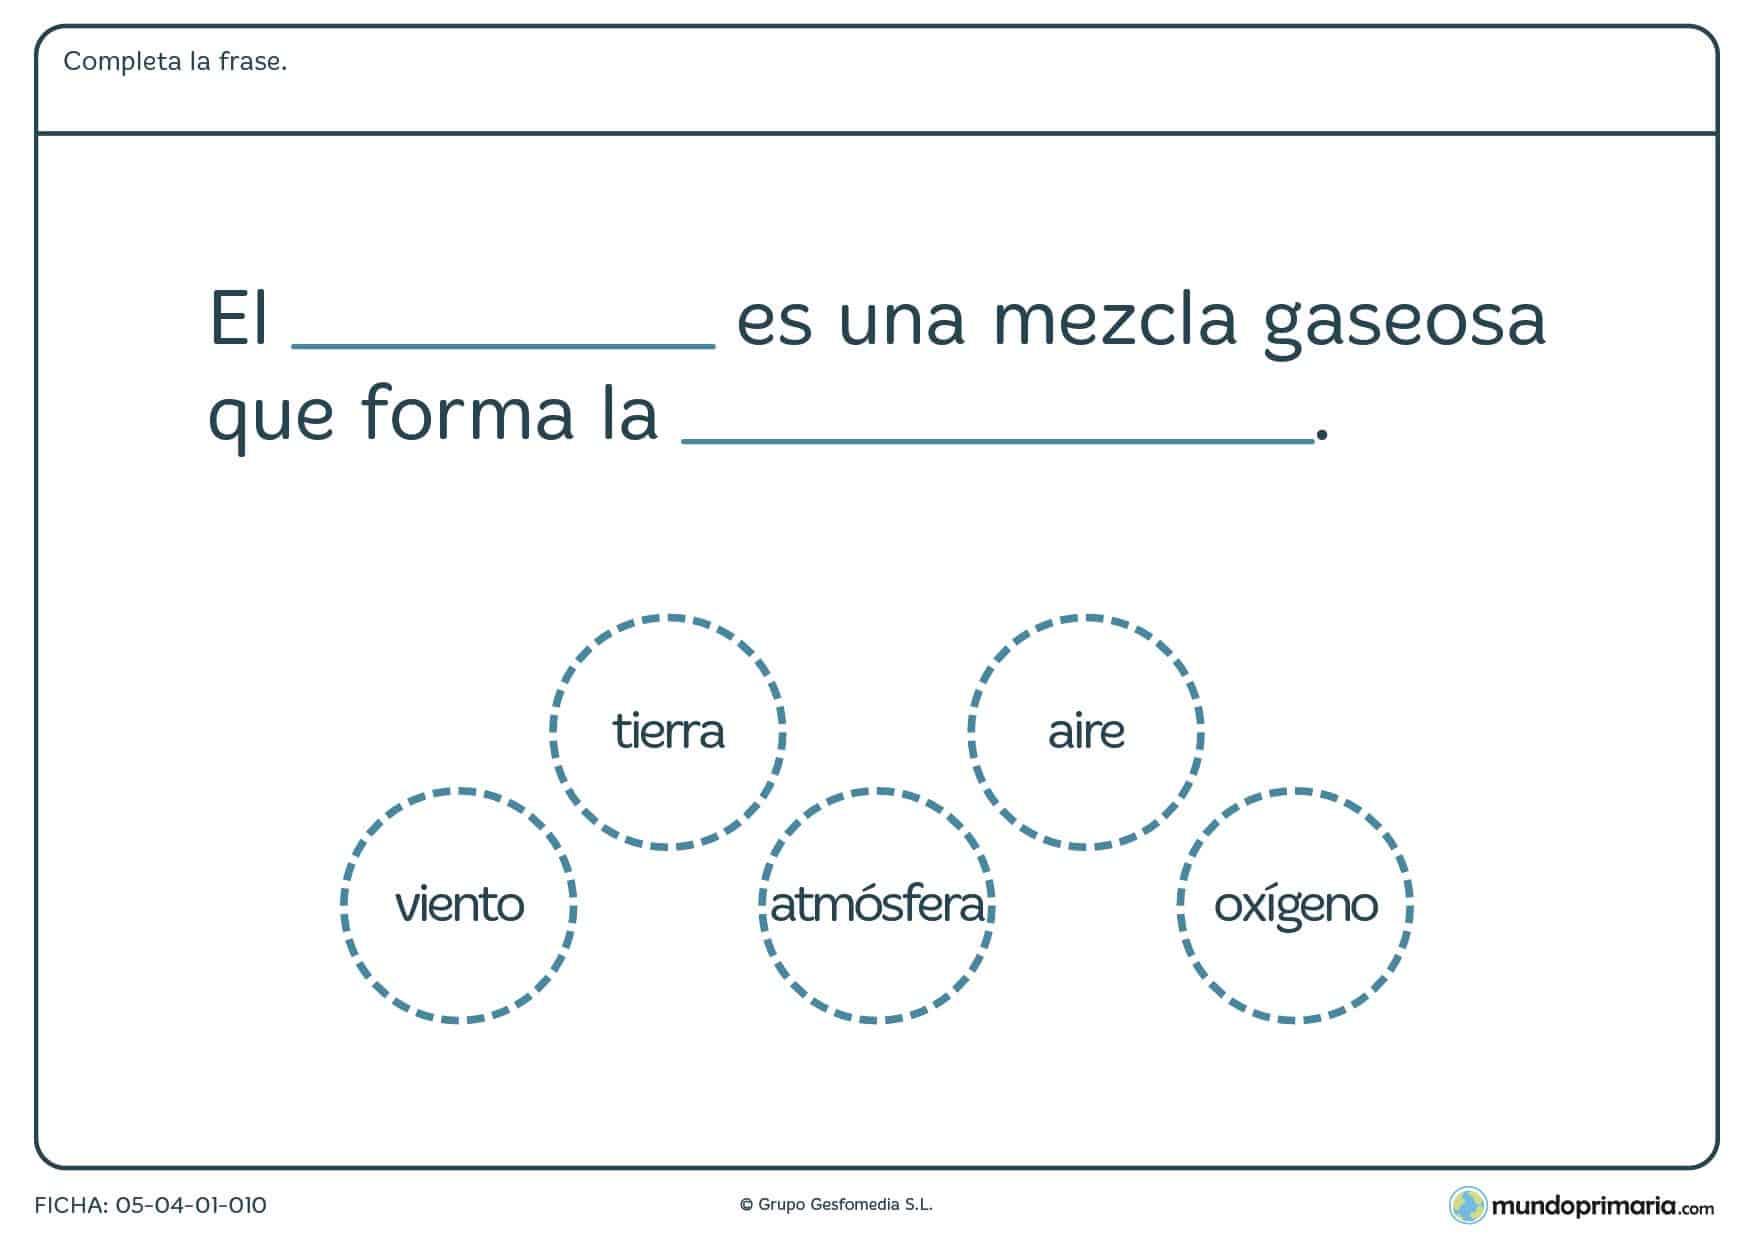 Ficha de los gases y el aire en el que se debe completar la frase planteada con los elementos proporcionados en el ejercicio.